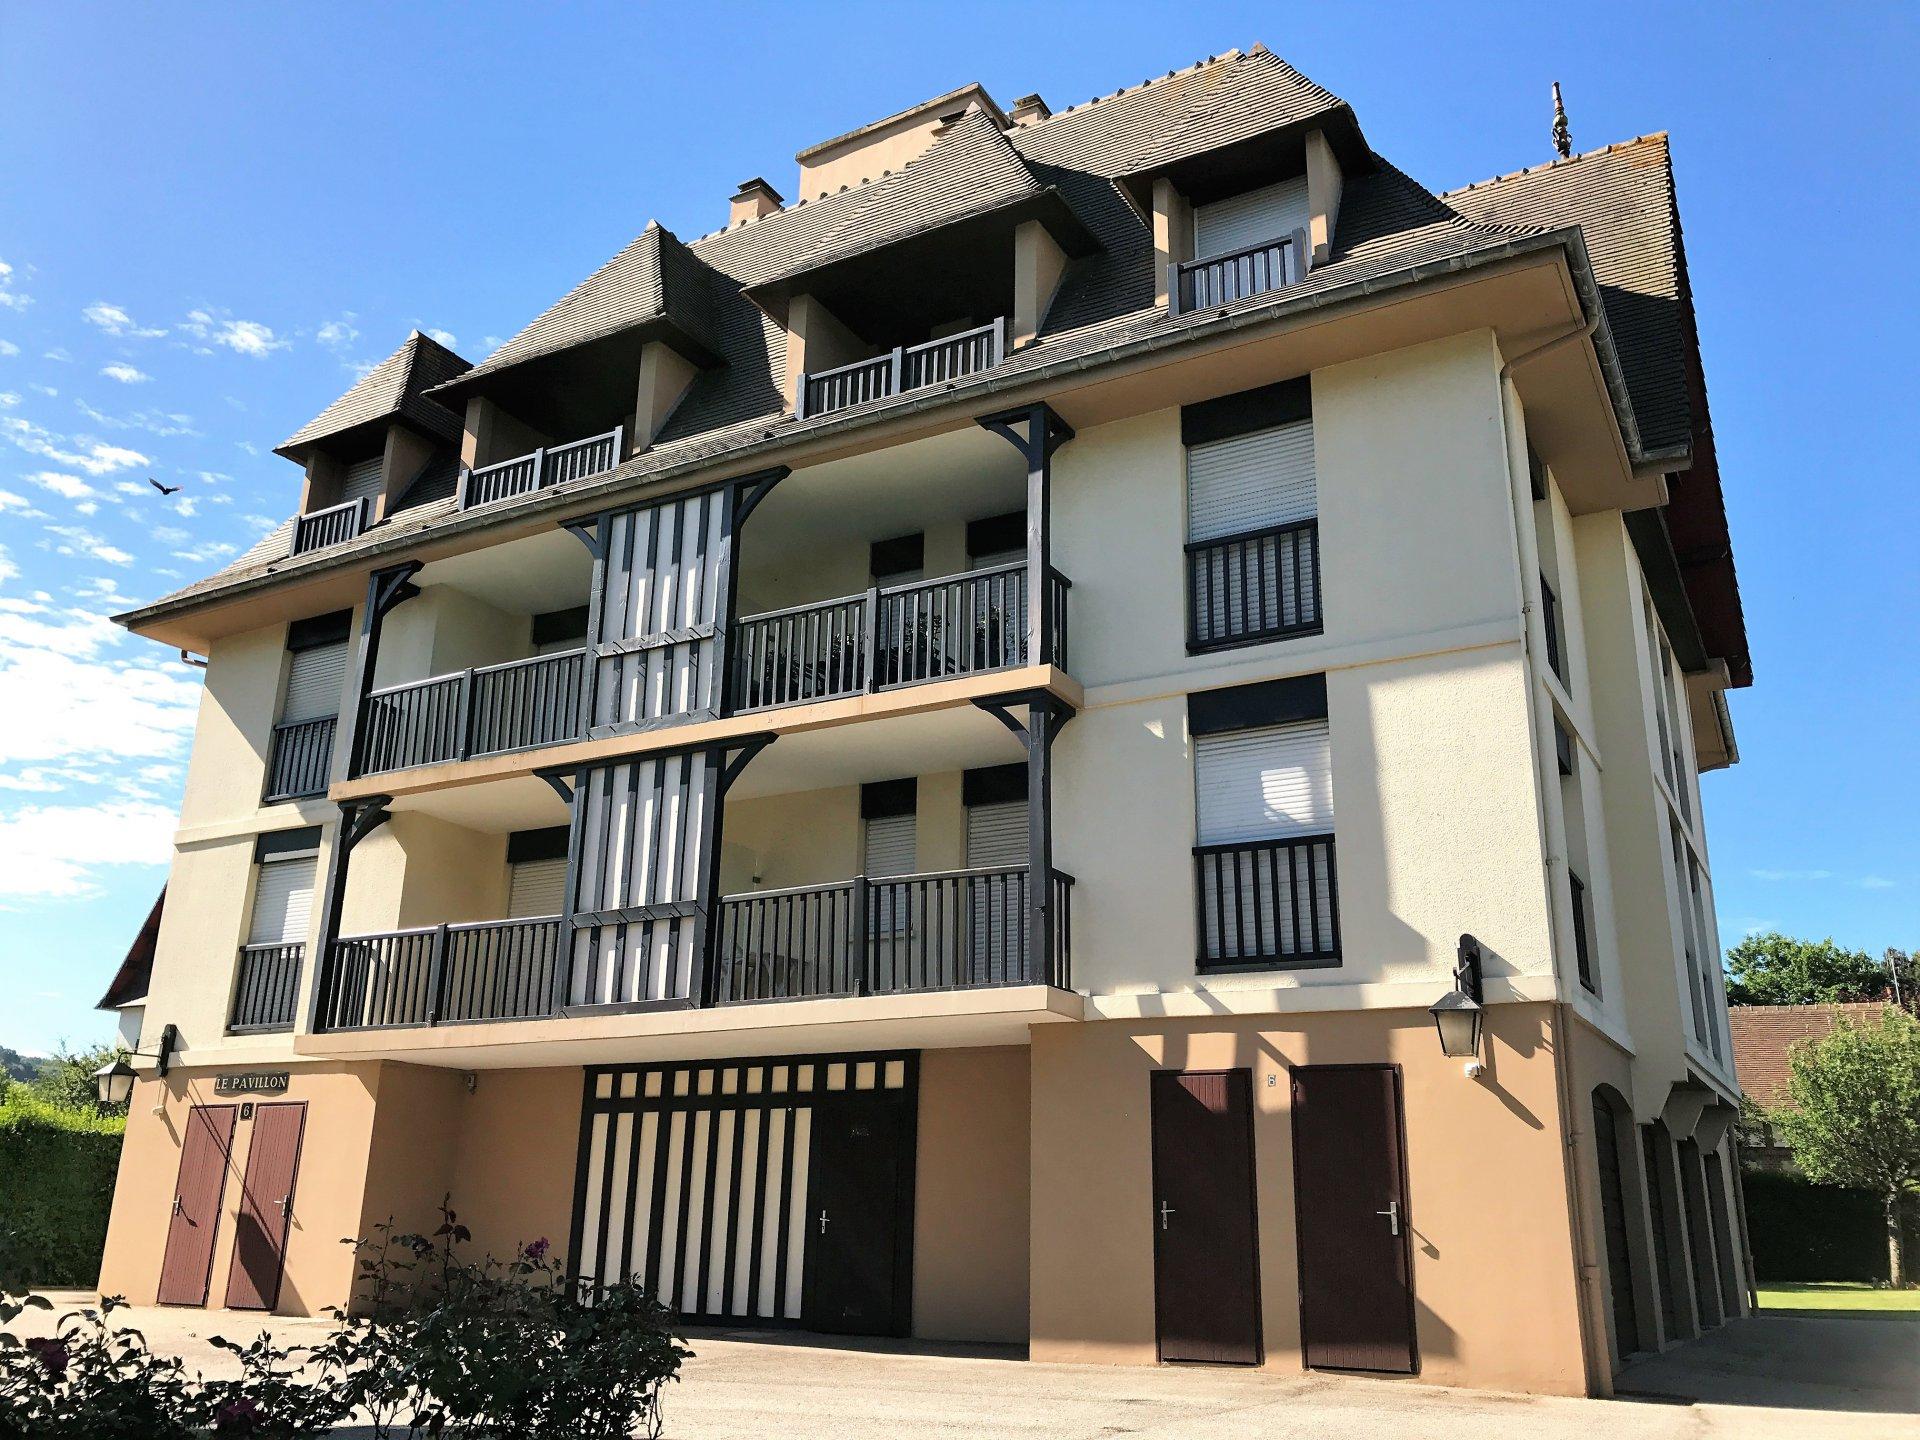 Location saisonnière Appartement - Houlgate